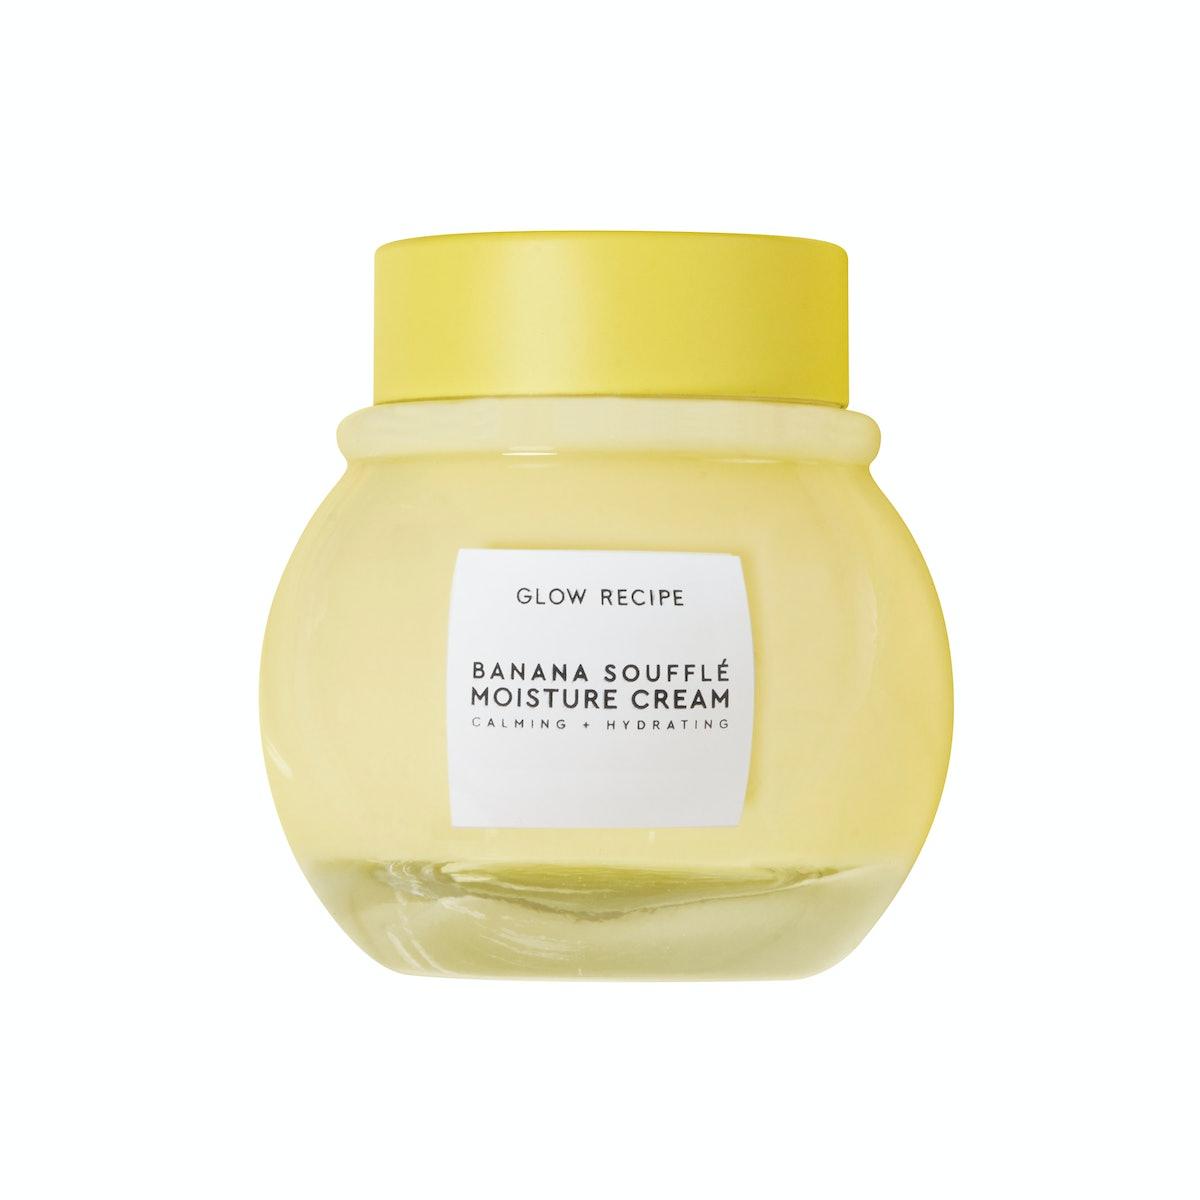 Banana Soufflé Moisture Cream